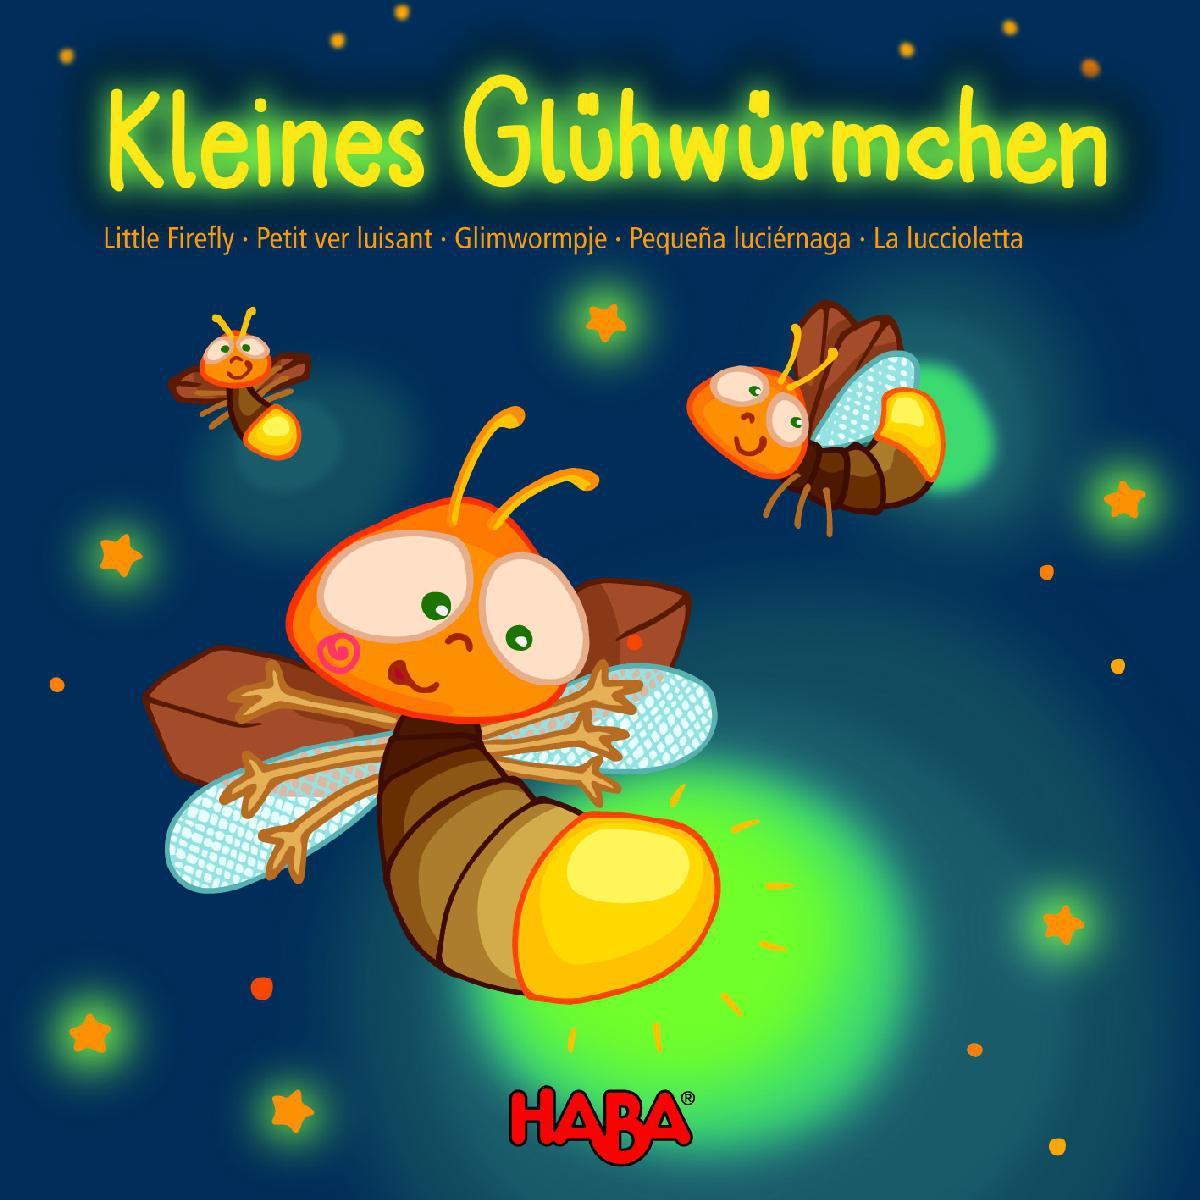 Charmant Glühwürmchen 30cxi Teile Galerie - Der Schaltplan ...